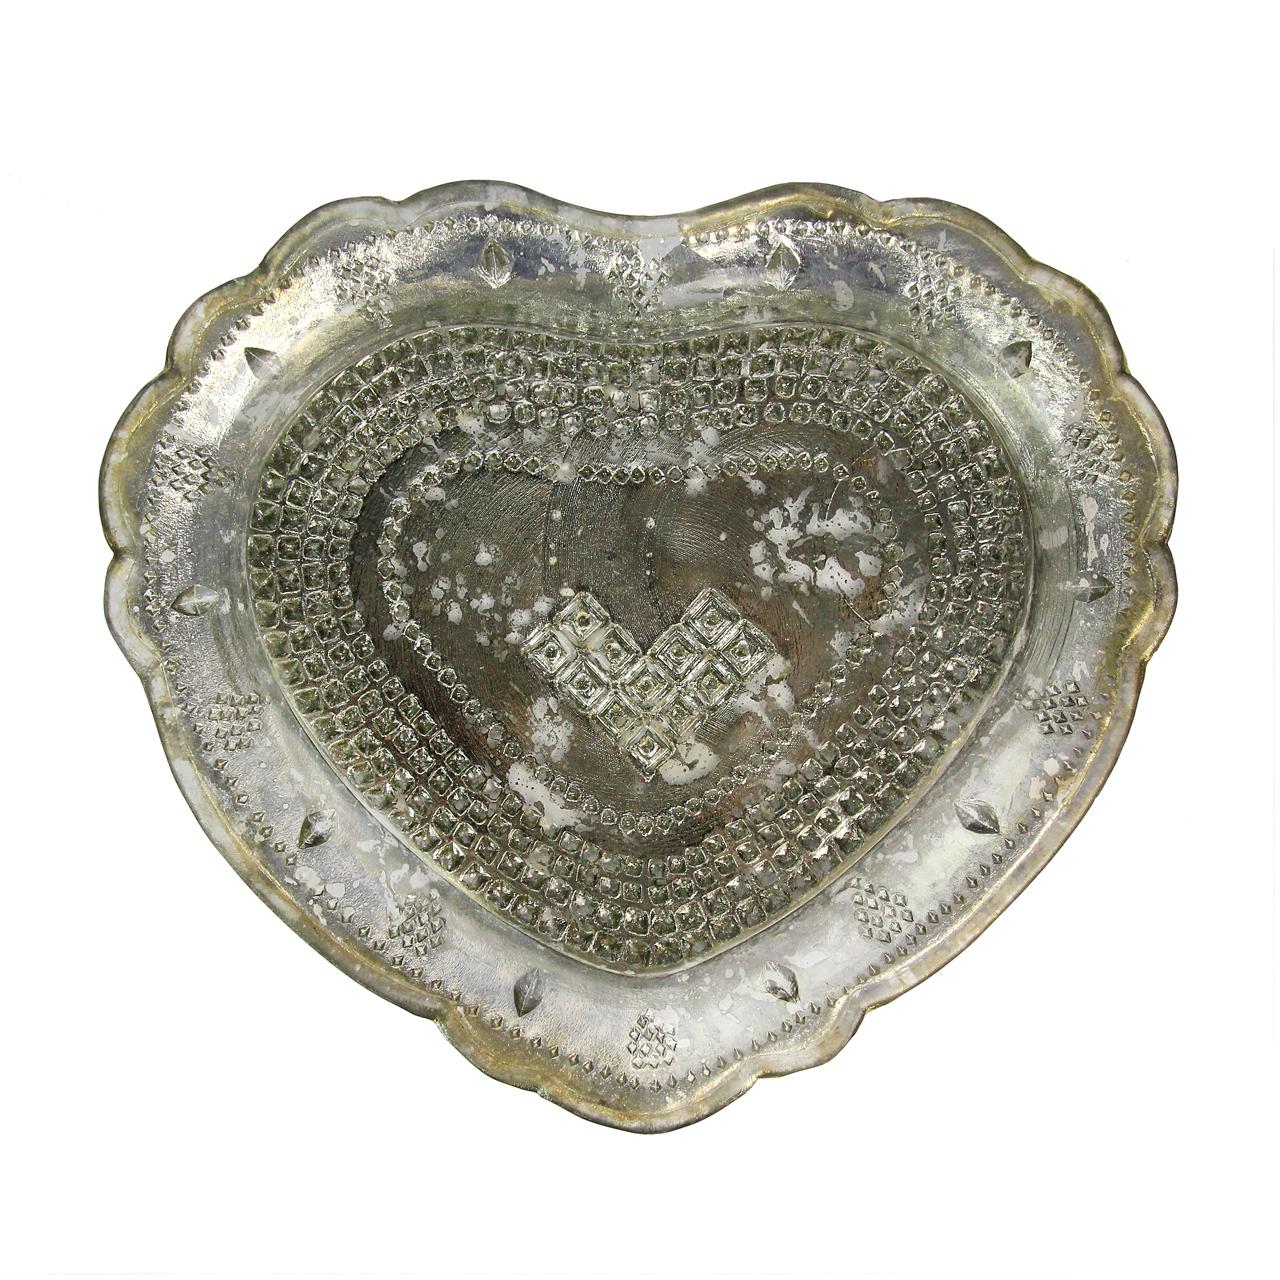 Farfurie Inima Din Sticla Argintie 15 Cm